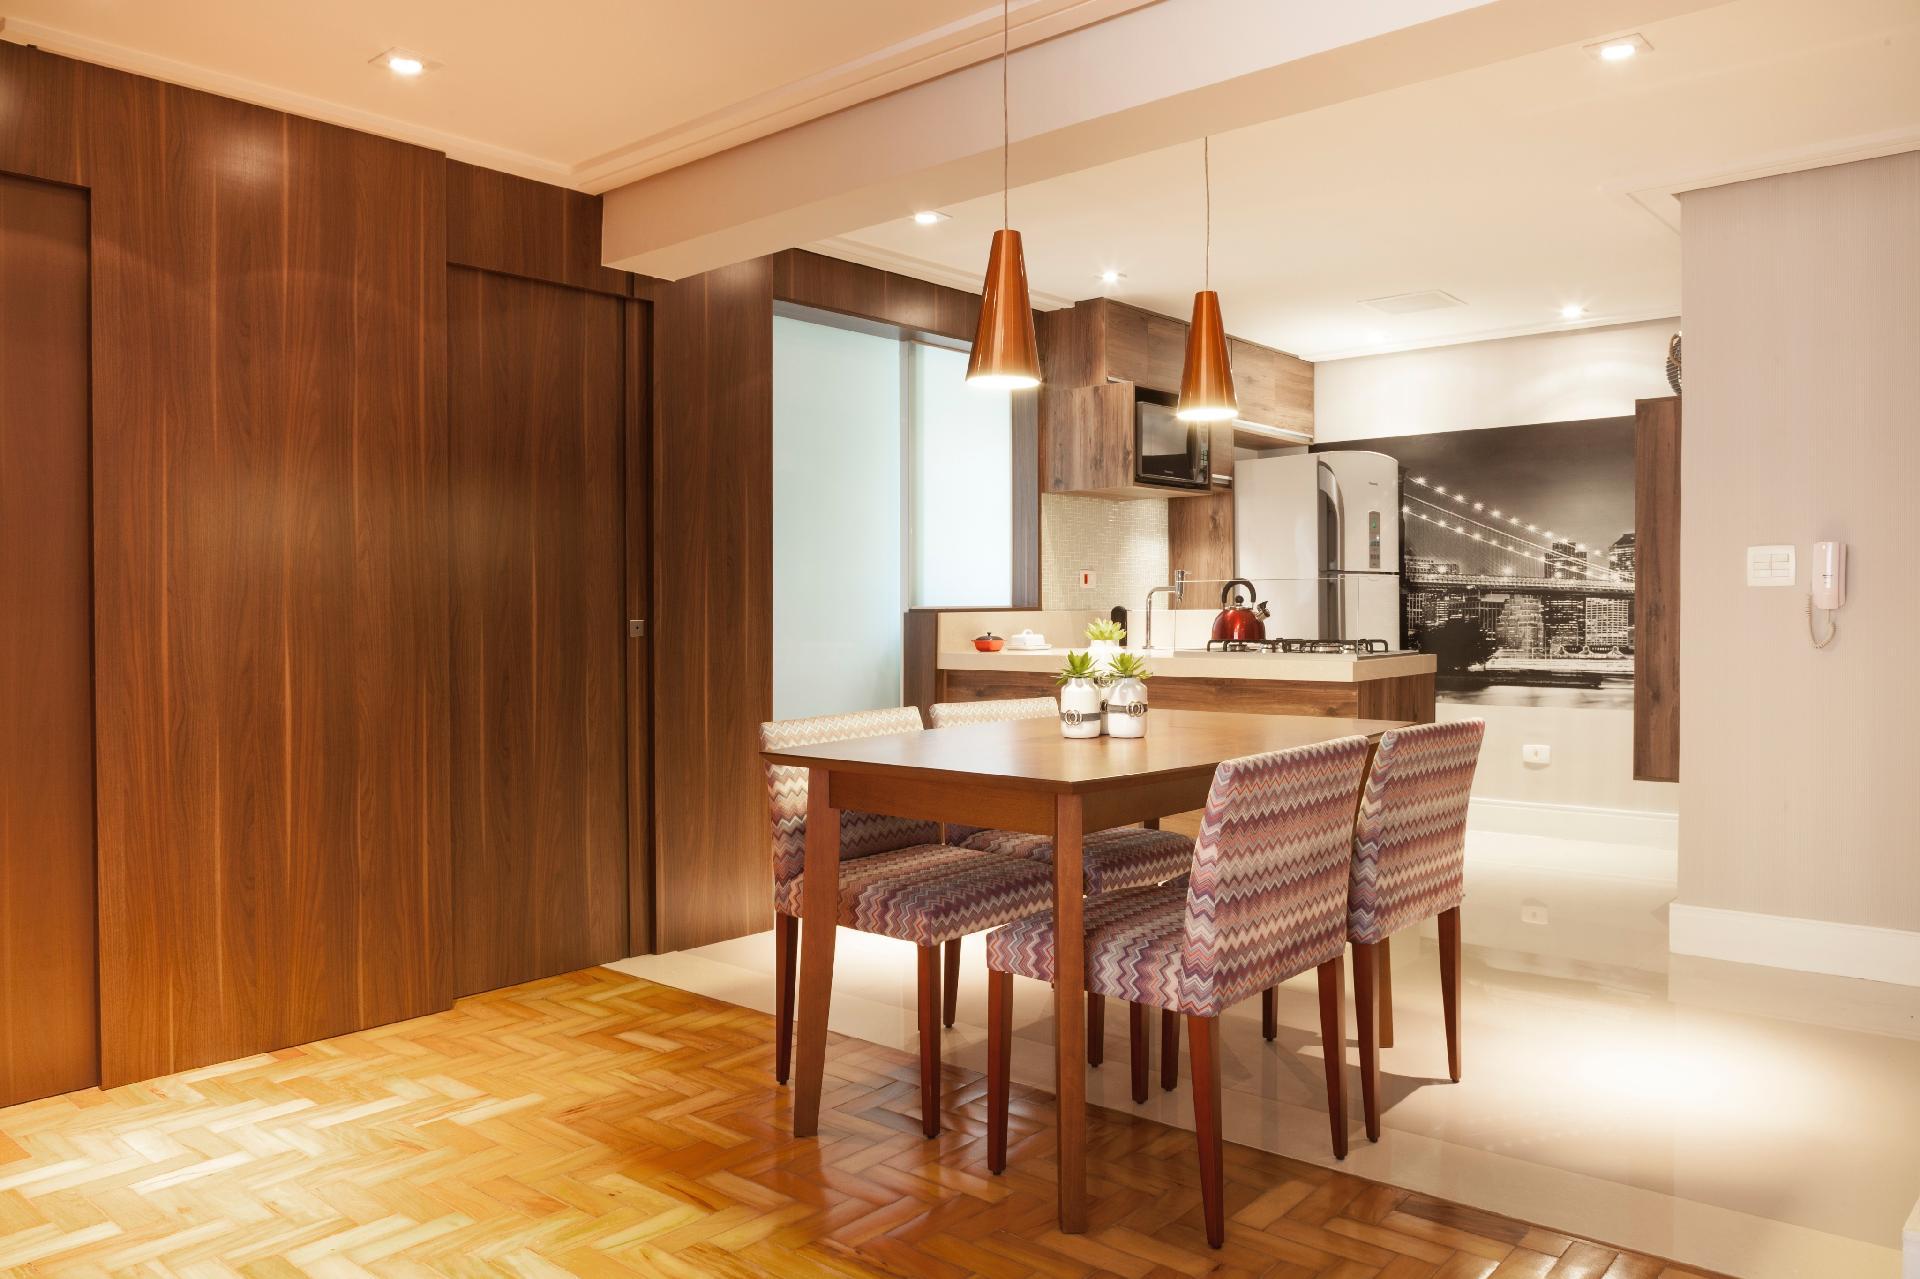 Com a reforma idealizada pelo escritório Biarari & Rodrigues, o jantar ficou posicionado entre a área 'gourmet' e o estar. A mesa de madeira faz jogo com as cadeiras forradas em tecido 'chevron'. Note que os pendentes acobreados são simétricos. Ao fundo, está a cozinha, agora aberta para o social e delimitada pelo balcão com base amadeirada, combinando com a proposta do design de interiores